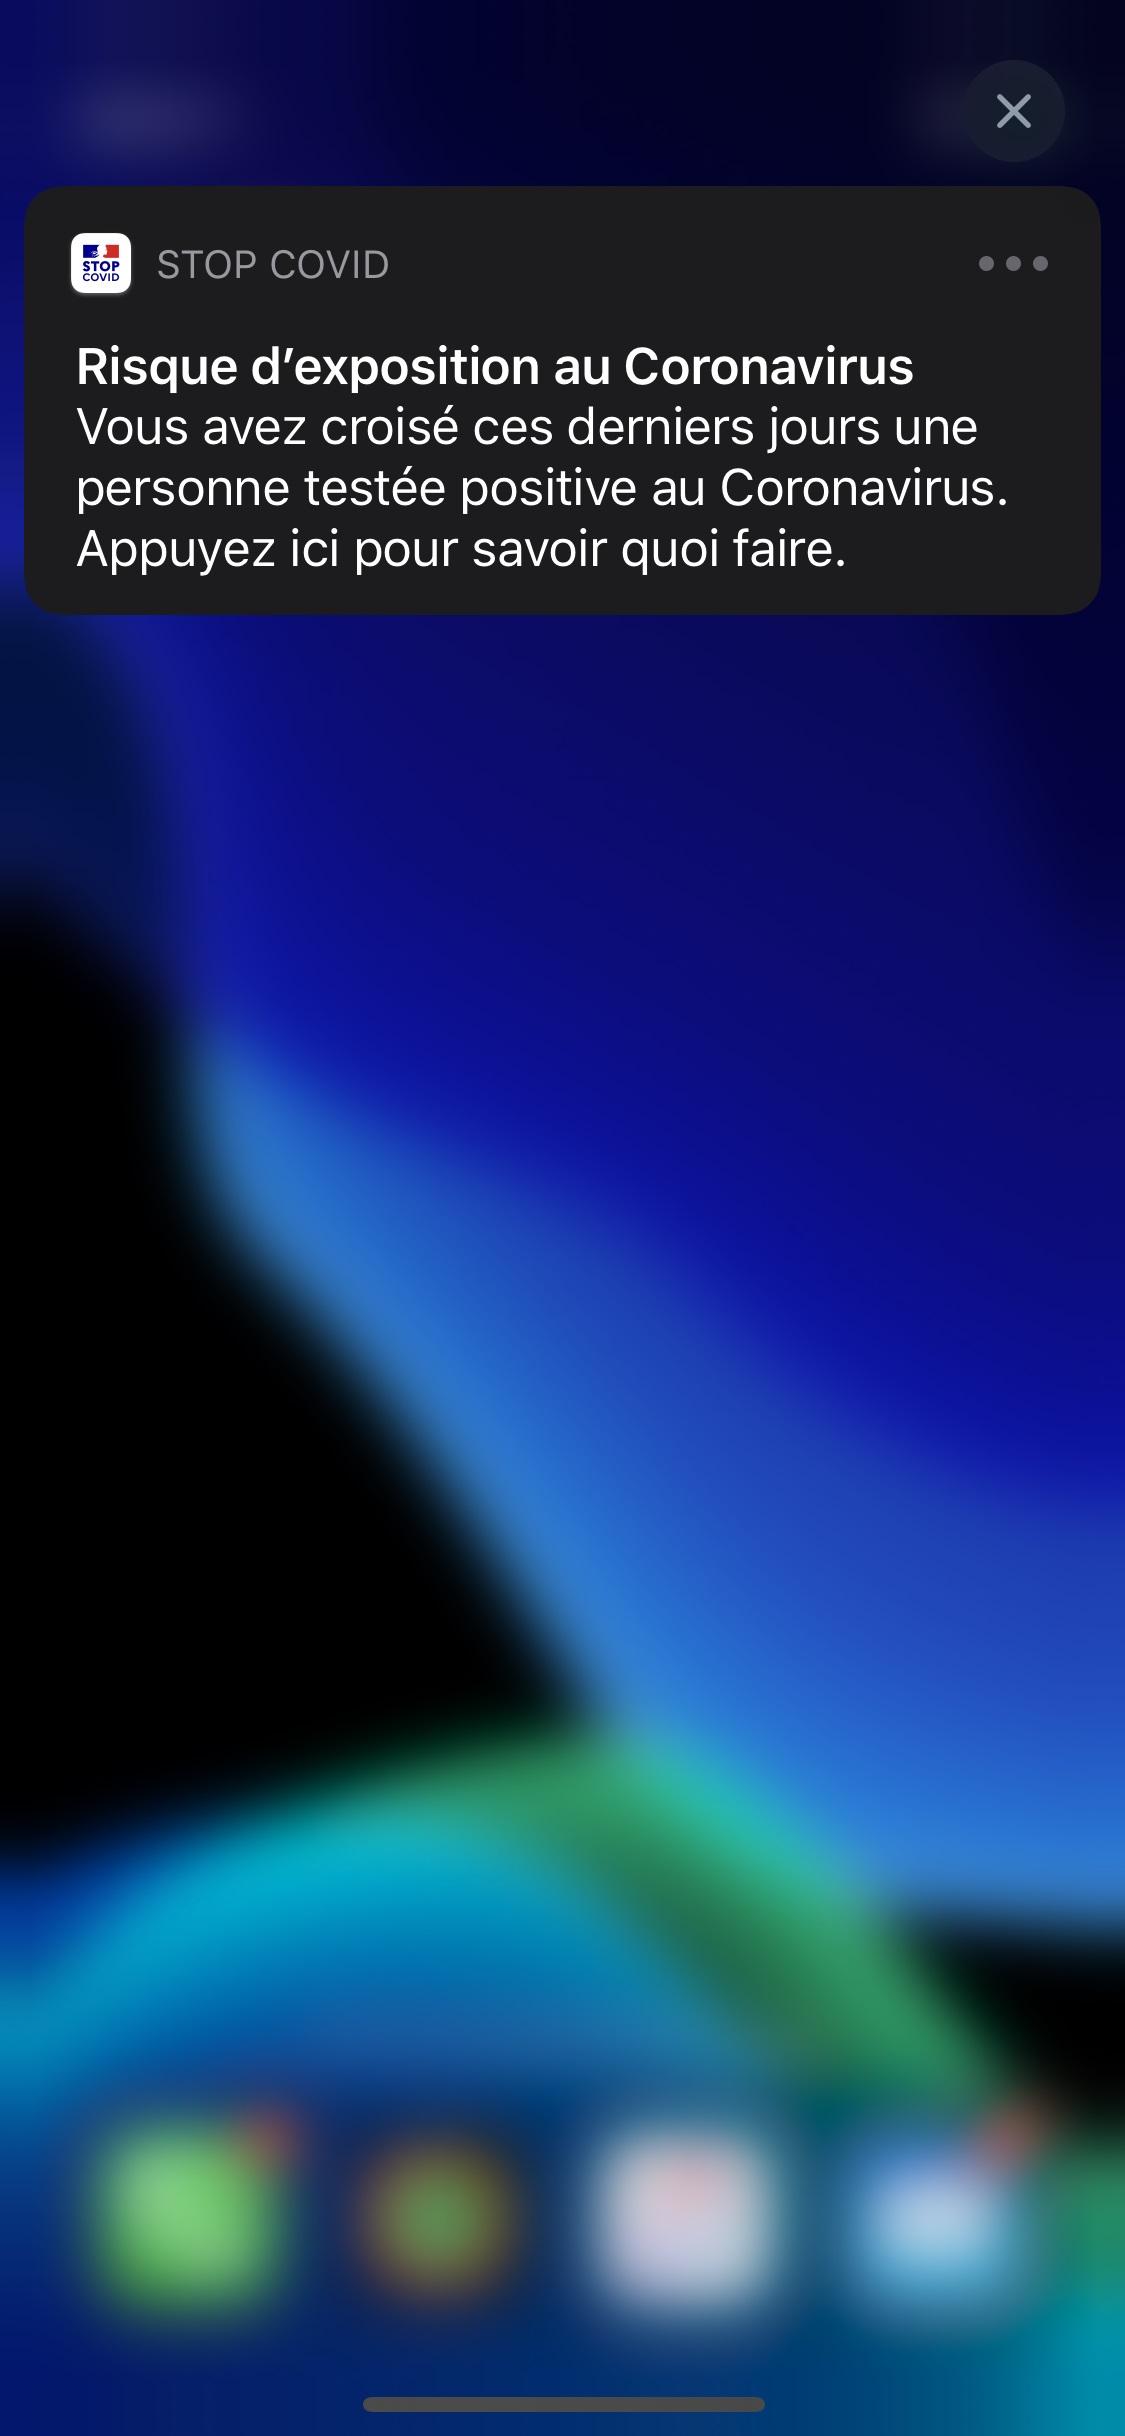 フランス政府が新型コロナウイルスの感染再拡大防止のため導入するスマートフォン向けアプリの通知画面(フランス政府提供・共同)